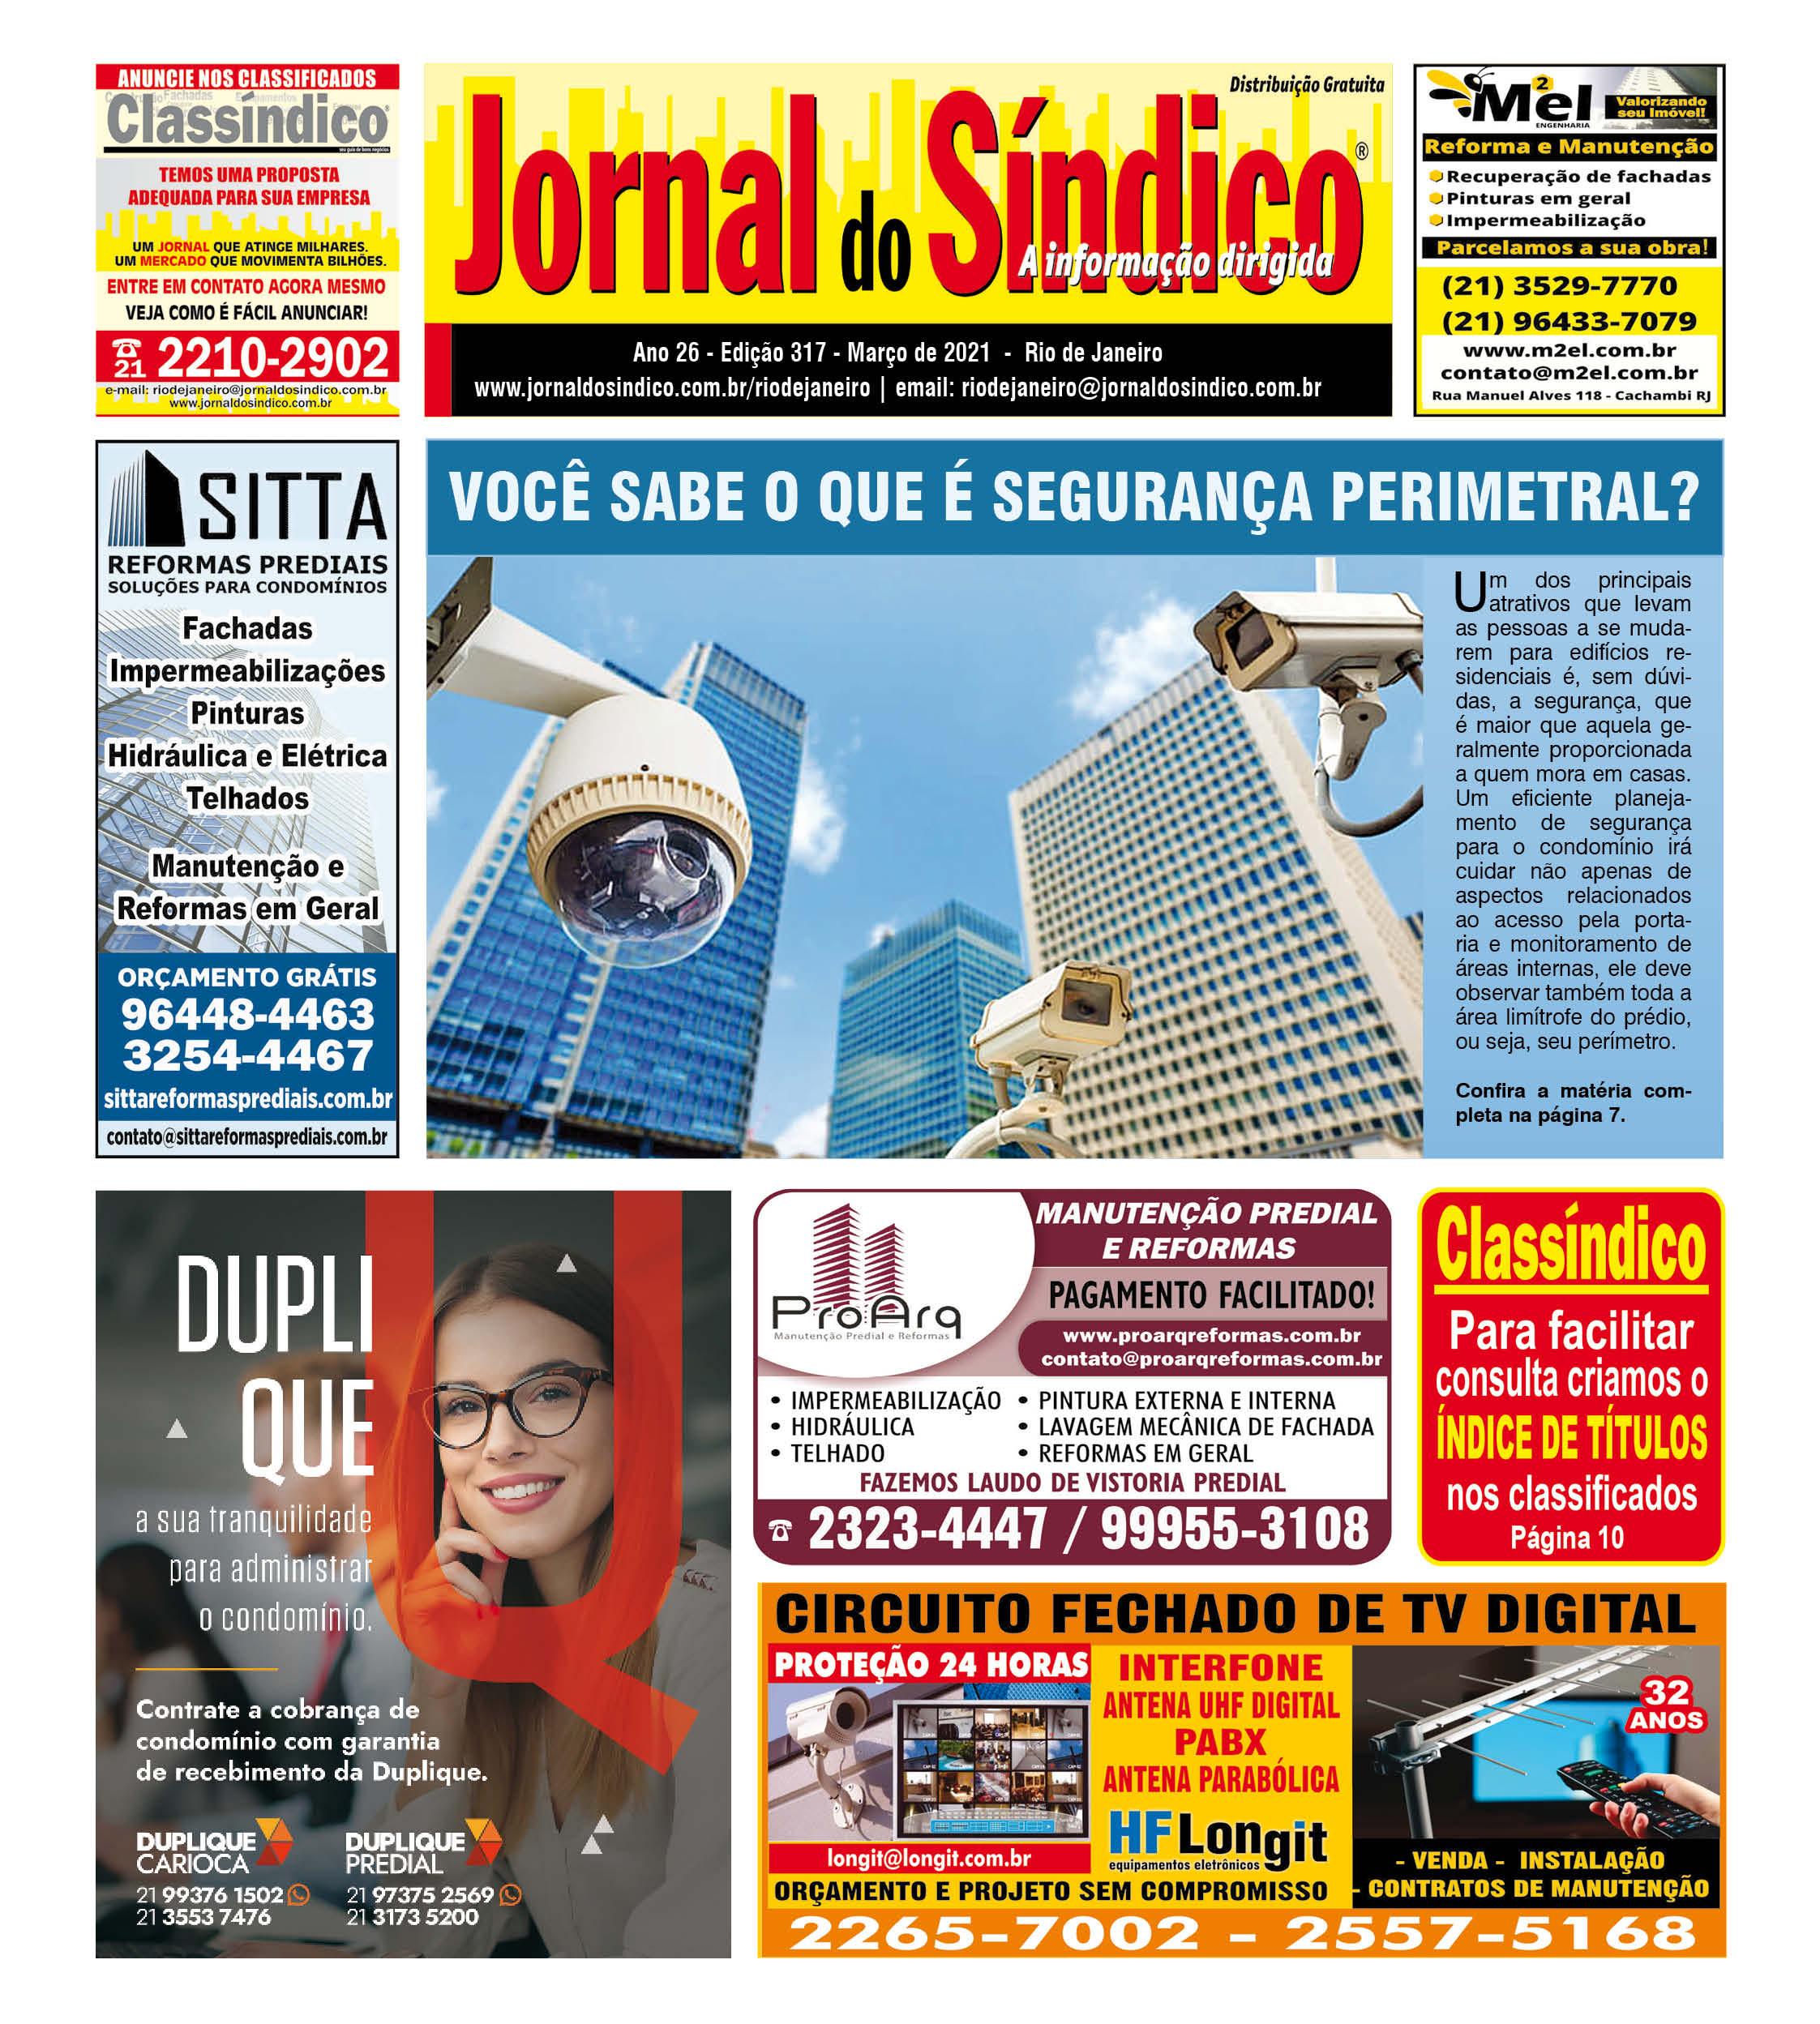 JSRJ 317 - MARÇO 2021 - 12 paginas WEB